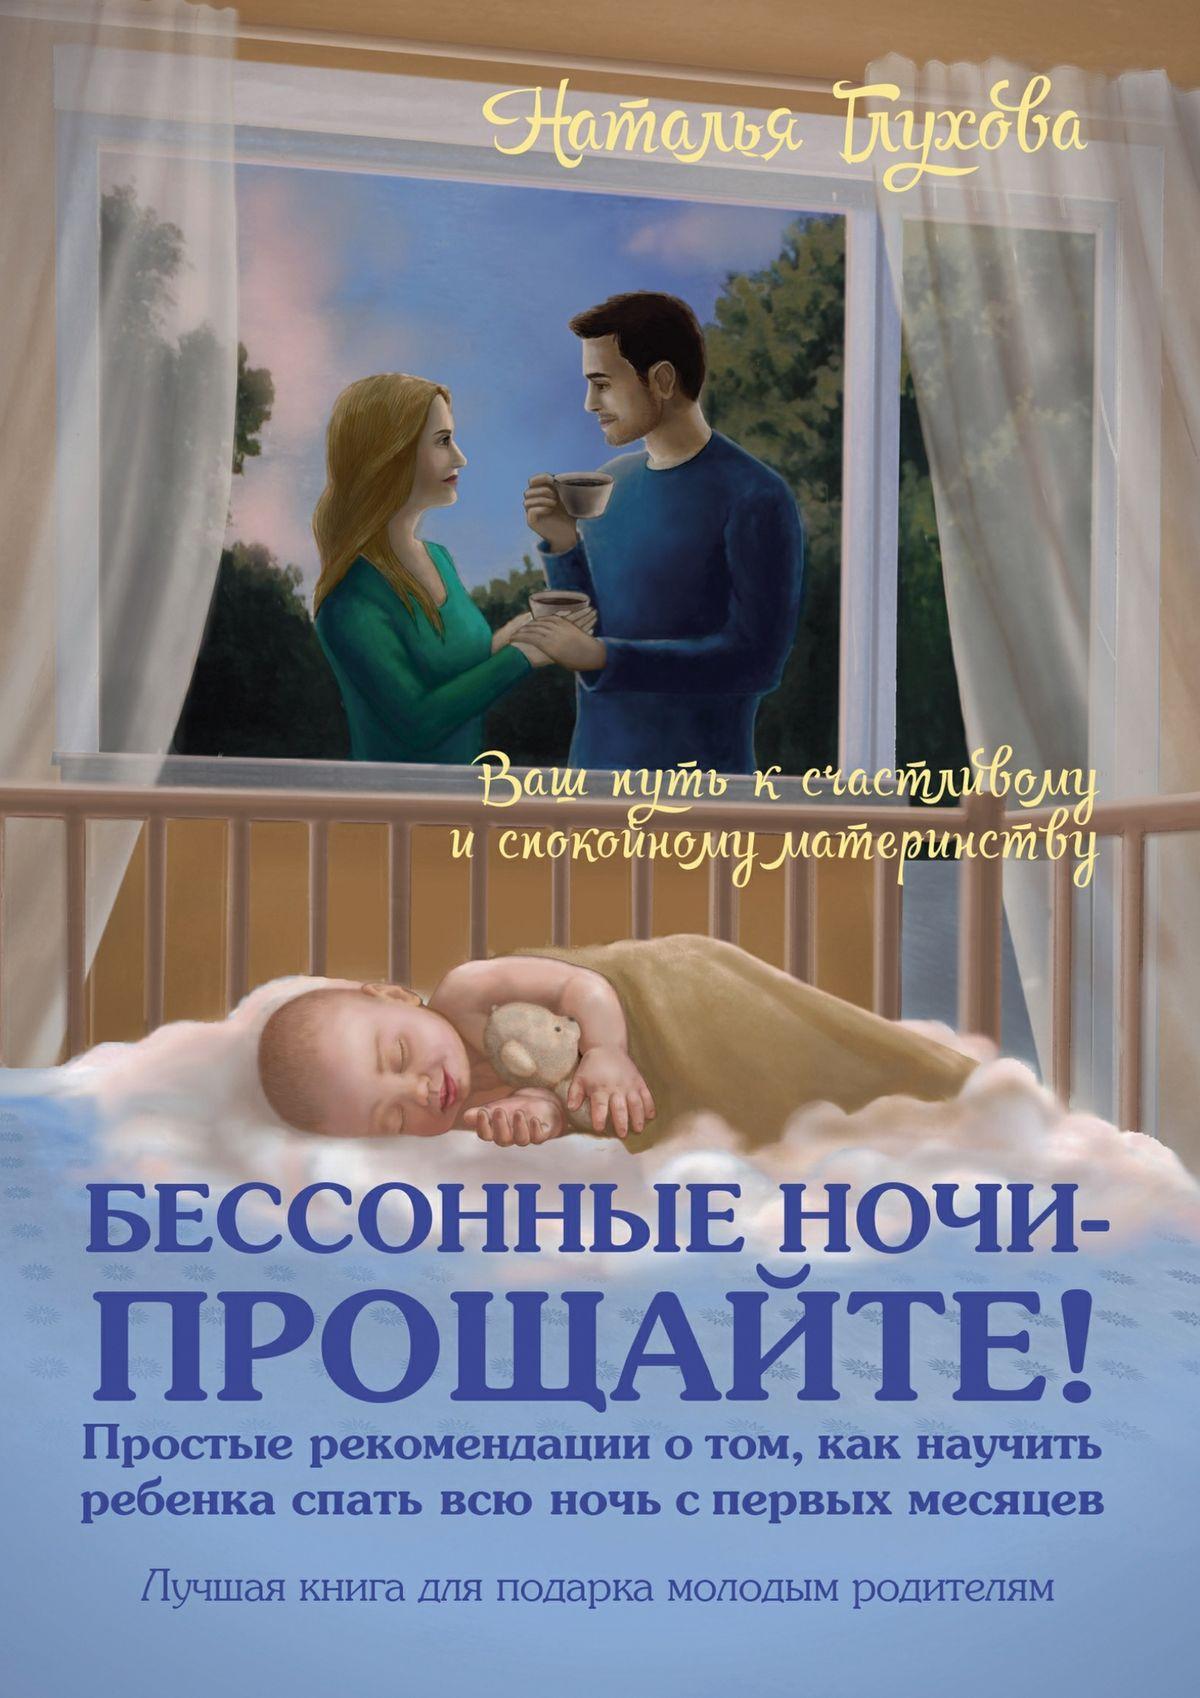 Наталья Глухова Бессонные ночи – прощайте!